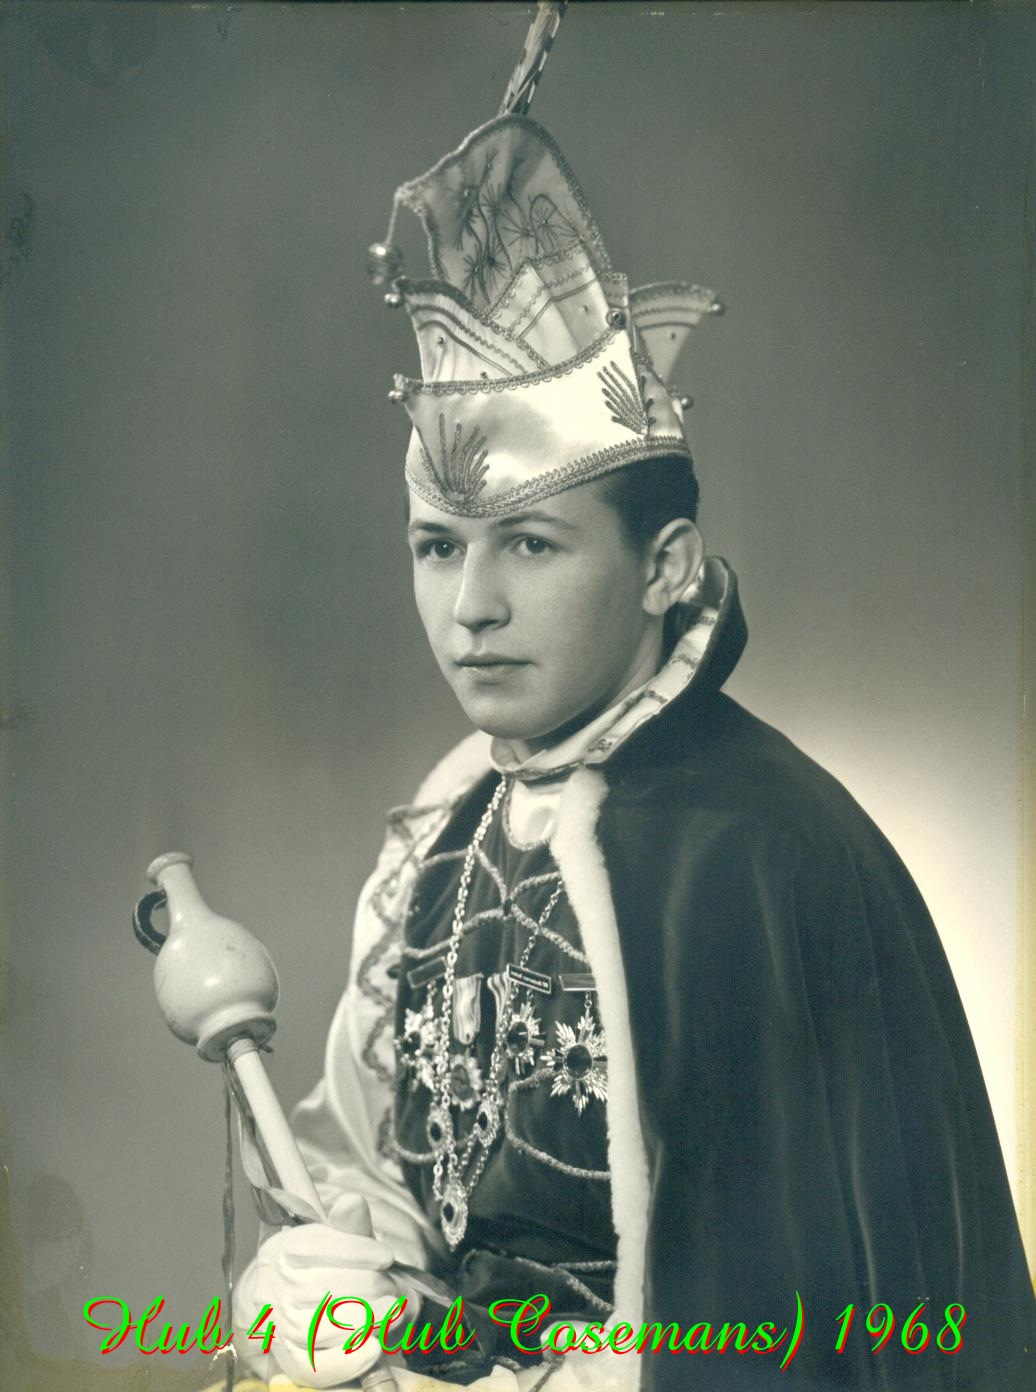 1968 Prins Hub (IV) Cosemans